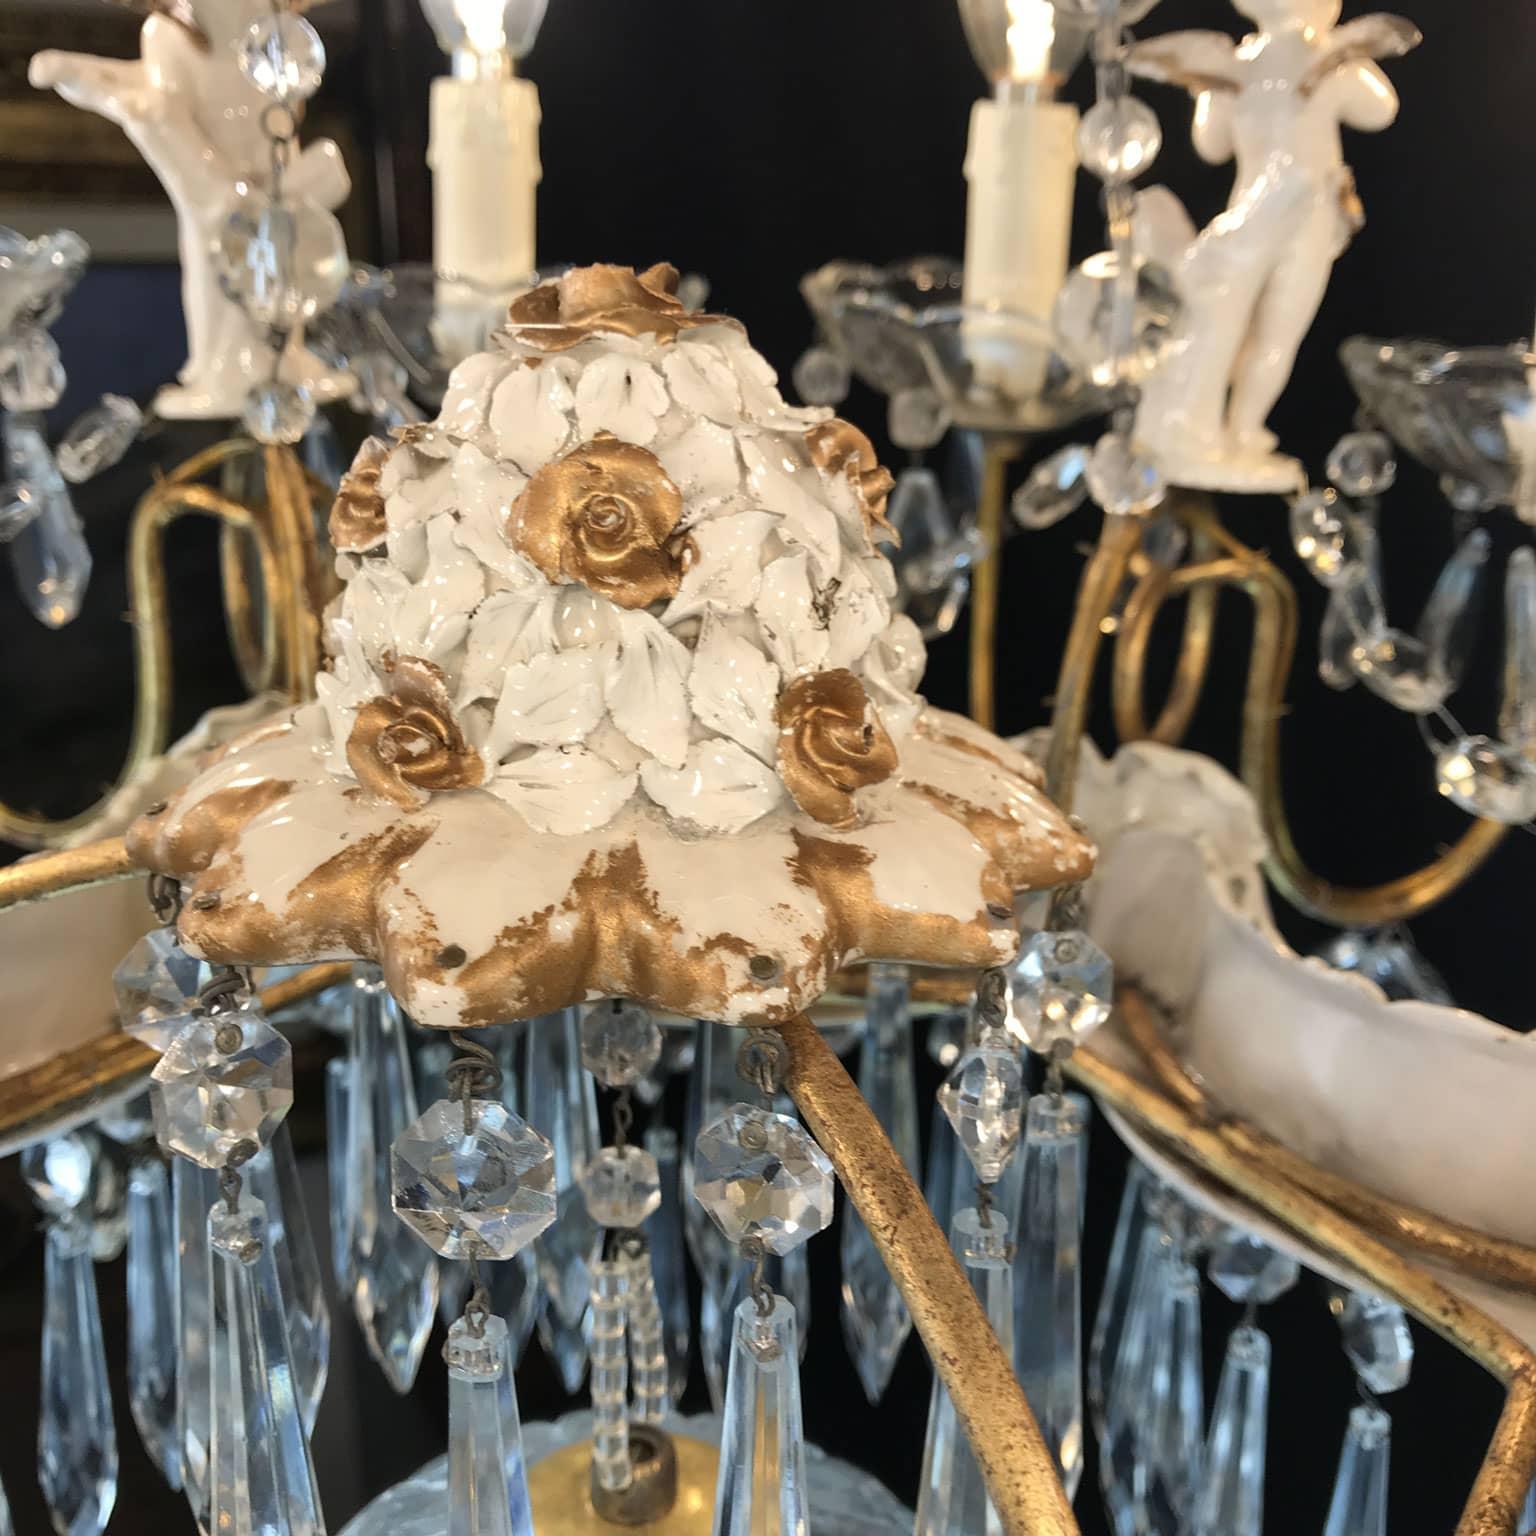 Originale anni 40 in perfette in ottime condizioni. 20th Century Italian Chandelier With Capodimonte Porcelain Putti And Rose Petals